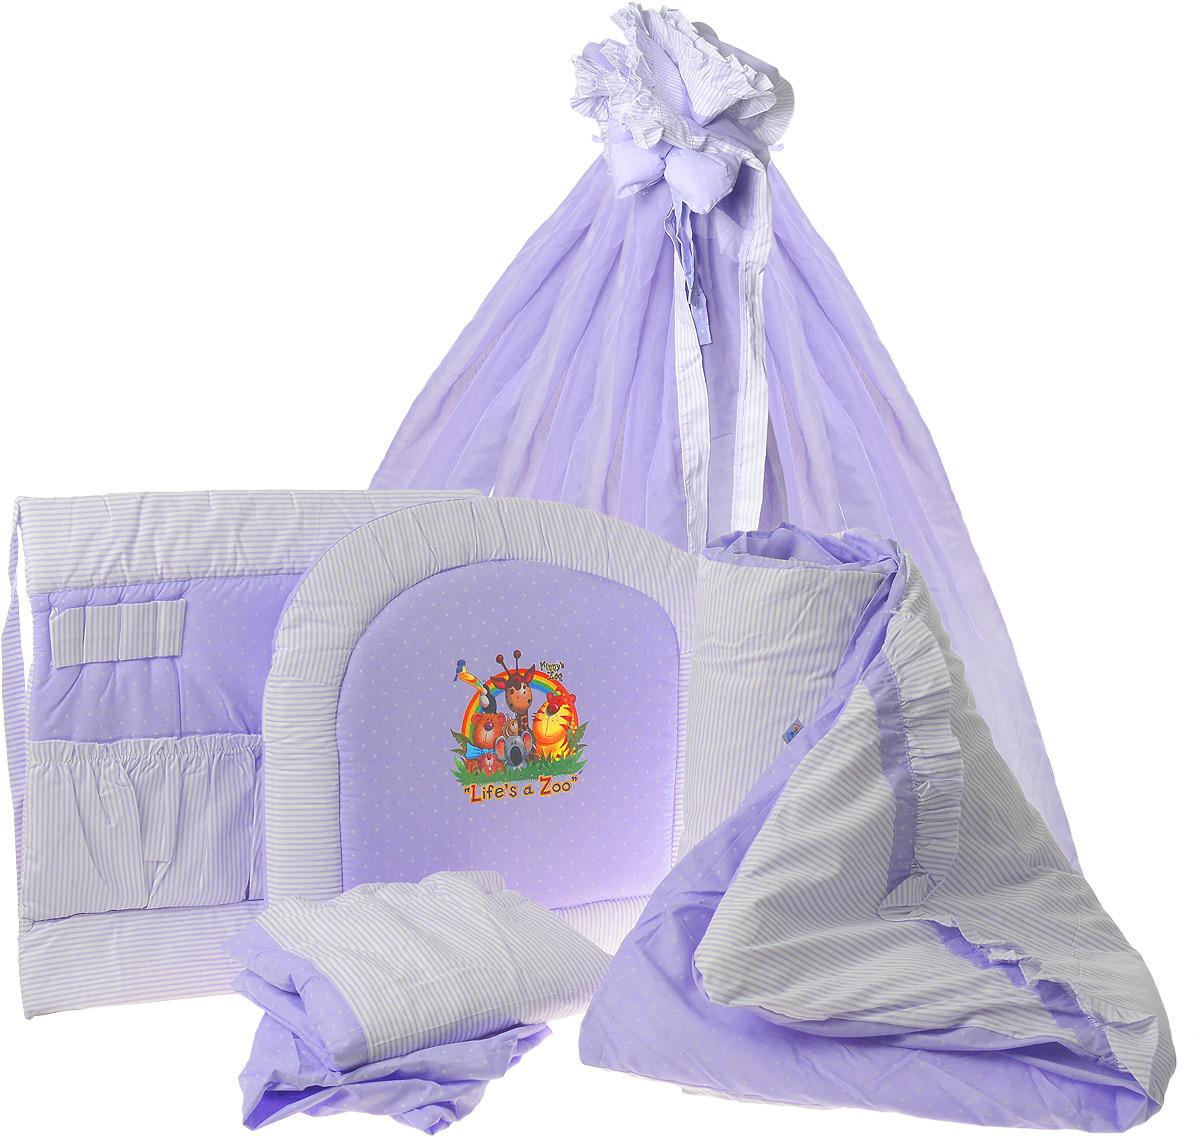 Топотушки Комплект детского постельного белья Нежность цвет сиреневый 8 предметов531-401Комплект постельного белья Топотушки Нежность из восьми предметов включает все необходимые элементы для детской кроватки.Комплект создает для вашего ребенка уют, комфорт и безопасную среду с рождения. Современный дизайн и цветовые сочетания помогают ребенку адаптироваться в новом для него мире.Комплект хорошо вписывается в интерьер, как детской комнаты, так и спальни родителей.Российское происхождение комплекта гарантирует стабильно высокое качество, соответствие актуальным пожеланиям потребителей.Комплект включает в себя: балдахин 3 метра, охранный бампер 360 см х 40 см, подушка 40 см х 60 см, одеяло 140 см х 110 см, наволочка 40 см х 60 см, пододеяльник 147 см х 112 см, простынь на резинке 120 см х 60 см, карман прикроватный.Мягкий борт защитит малыша от сквозняков и убережет от возможных ударов о бортики кроватки. Наполнитель борта - холлофайбер. Балдахин длиной 3 метра создает для вашего малыша индивидуальную зону комфорта: ограничивает проникновение яркого света, задерживает шум, препятствует сквознякам. В детской балдахин в свою очередь служит украшением интерьера. Одеяло абсолютно гипоаллергенно, воздушное и легкое, имеет хорошую теплоустойчивость. Легко стирается и не теряет свой объем.Наполнитель - холлофайбер. Подушка абсолютна гипоаллергенна, ее высота оптимальная для головы новорожденного малыша согласно современным исследованиям. Простынь на резинке обеспечивает идеальную посадку на матрац, не позволит лишним складкам и заломам создать для ребенка дискомфорт. Прикроватный карман - необходимый и очень удобный атрибут в детской комнате для различных принадлежностей по уходу за вашим малышом. Он не только создает уют, но и дополнительные удобства в уходе за младенцем. Карман предназначен для бутылочек, гигиенических средств и других нужных вещей. Все постельные принадлежности в комплекте изготовлены из 100% натурального хлопка.Комплект упакован в удобную пластиковую сум